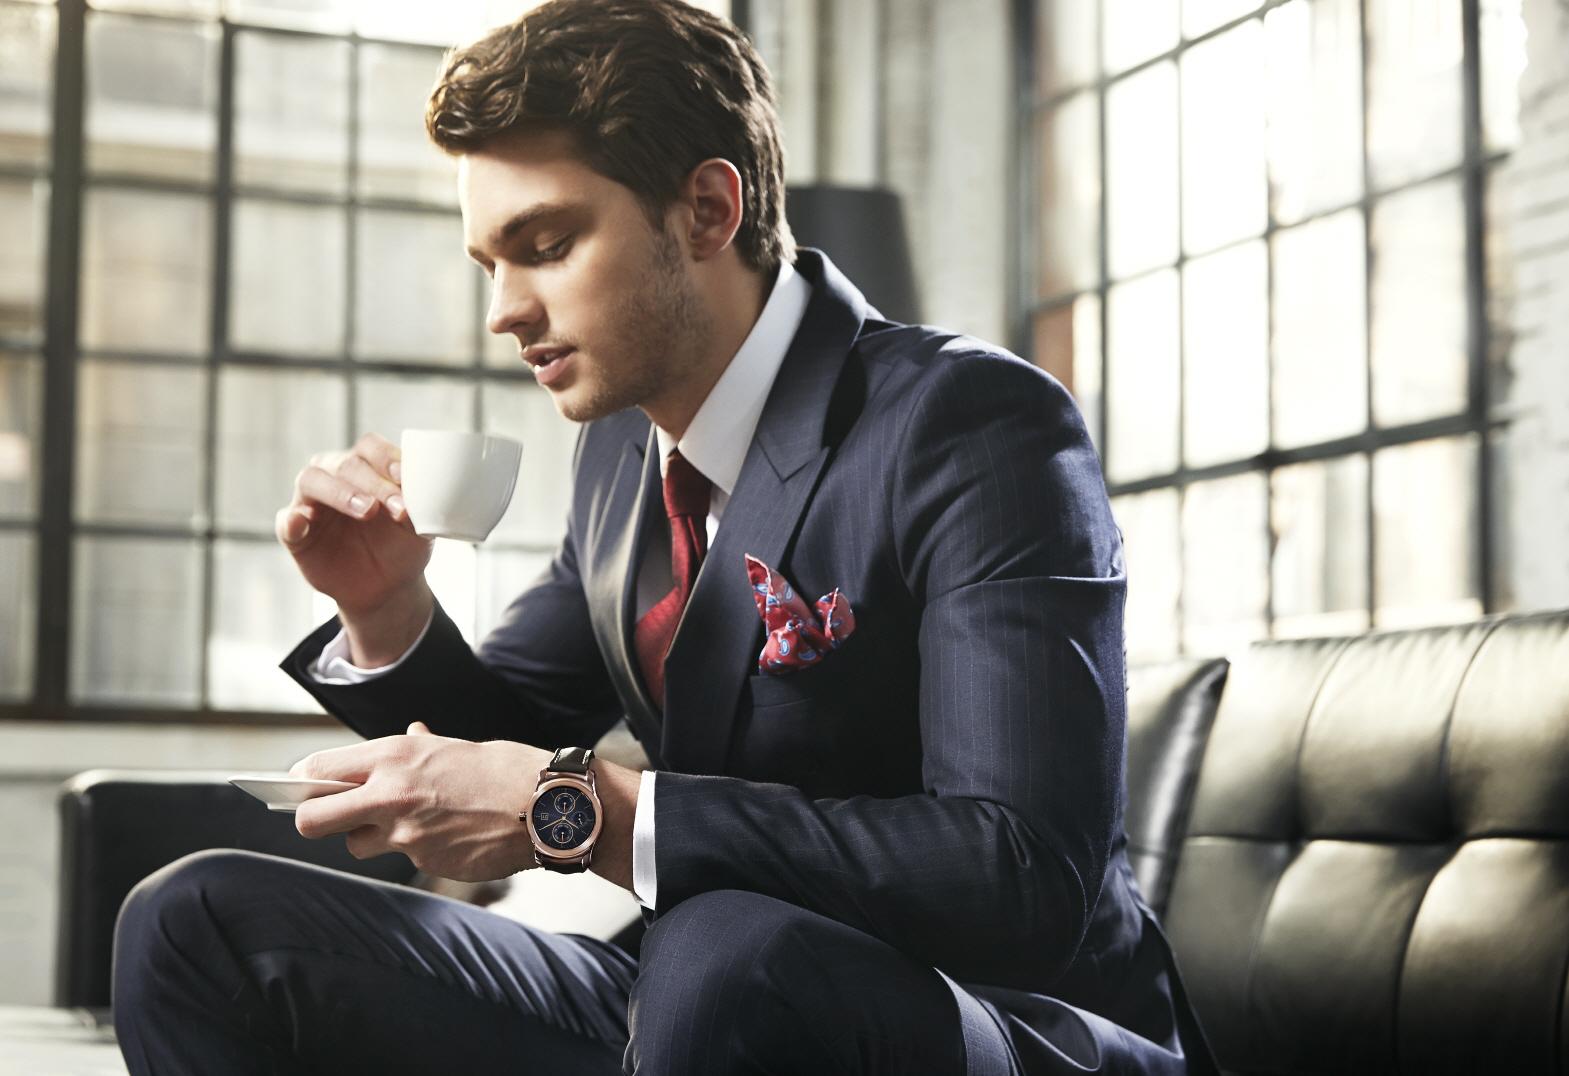 Watch Urbane: LG bringt runde Smartwatch im Edelstahlgehäuse - Watch Urbane (Bild: LG)